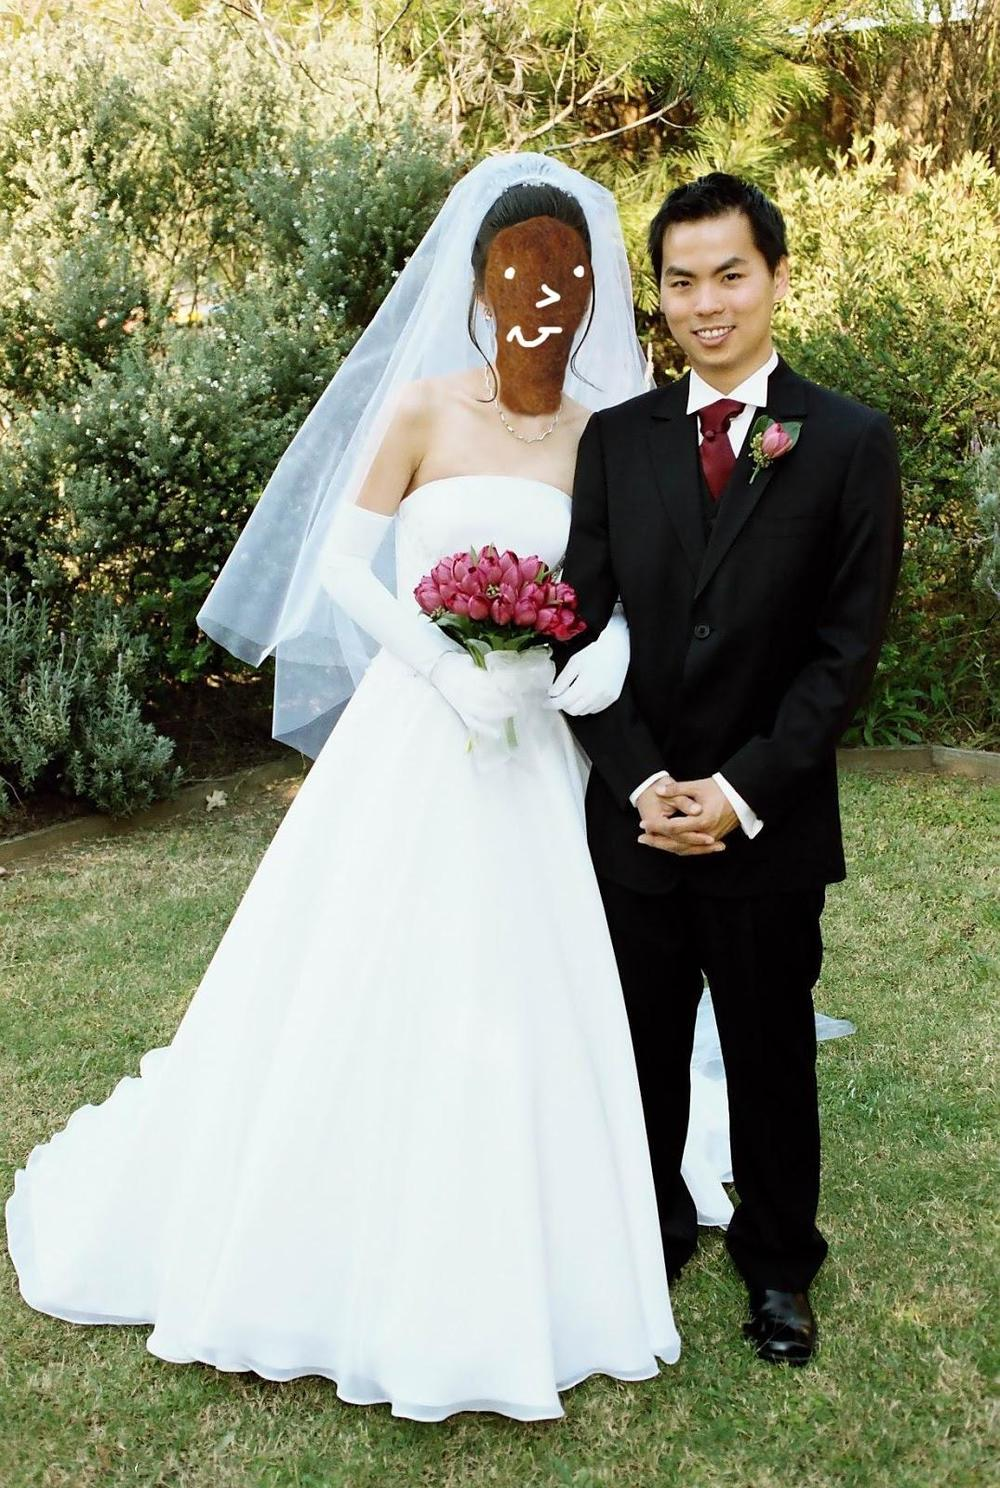 Spouse.jpg